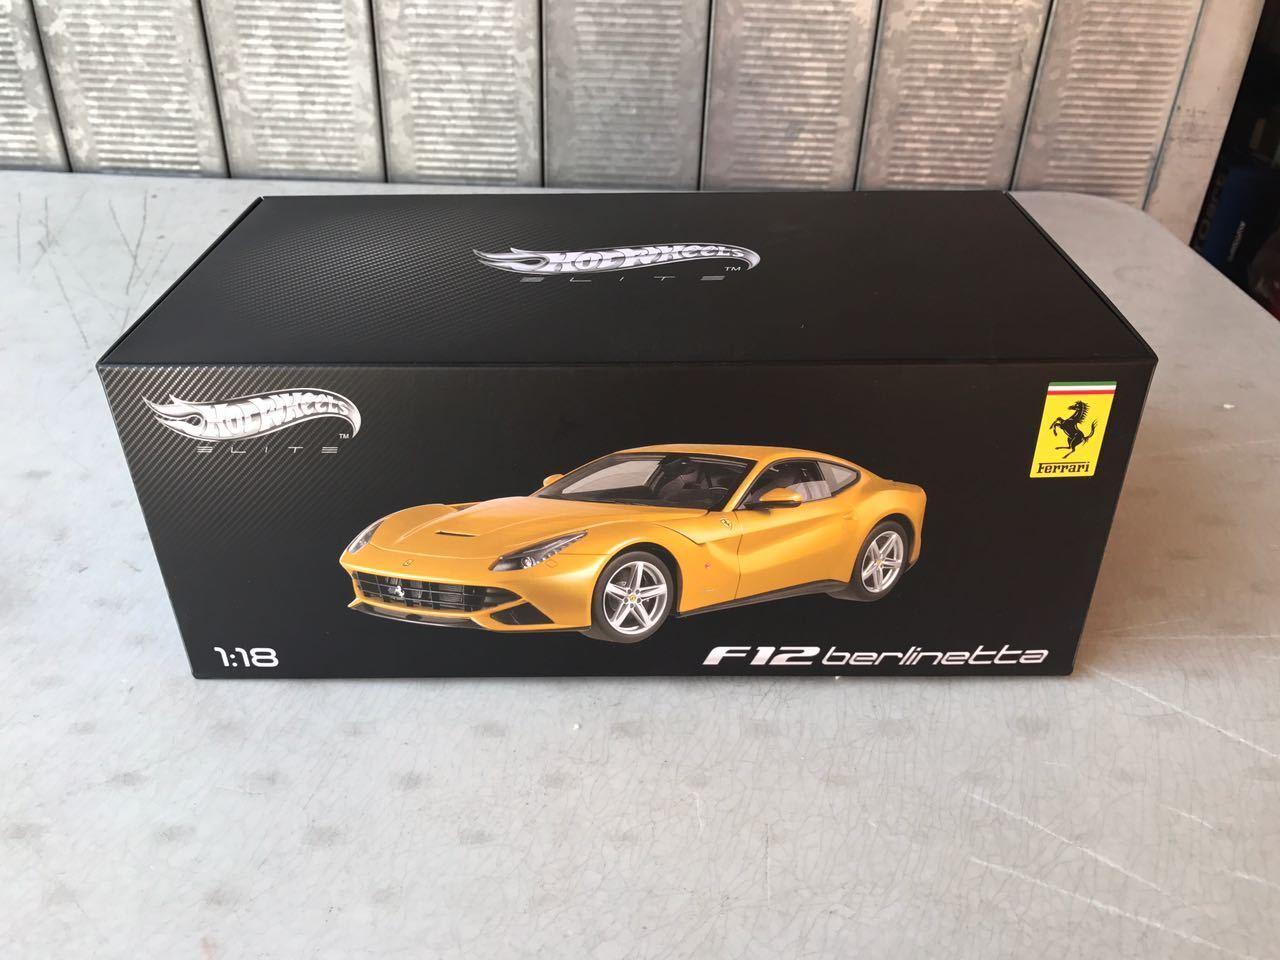 Hot Wheels Elite Ferrari F12 Berlinetta gialla 1 18